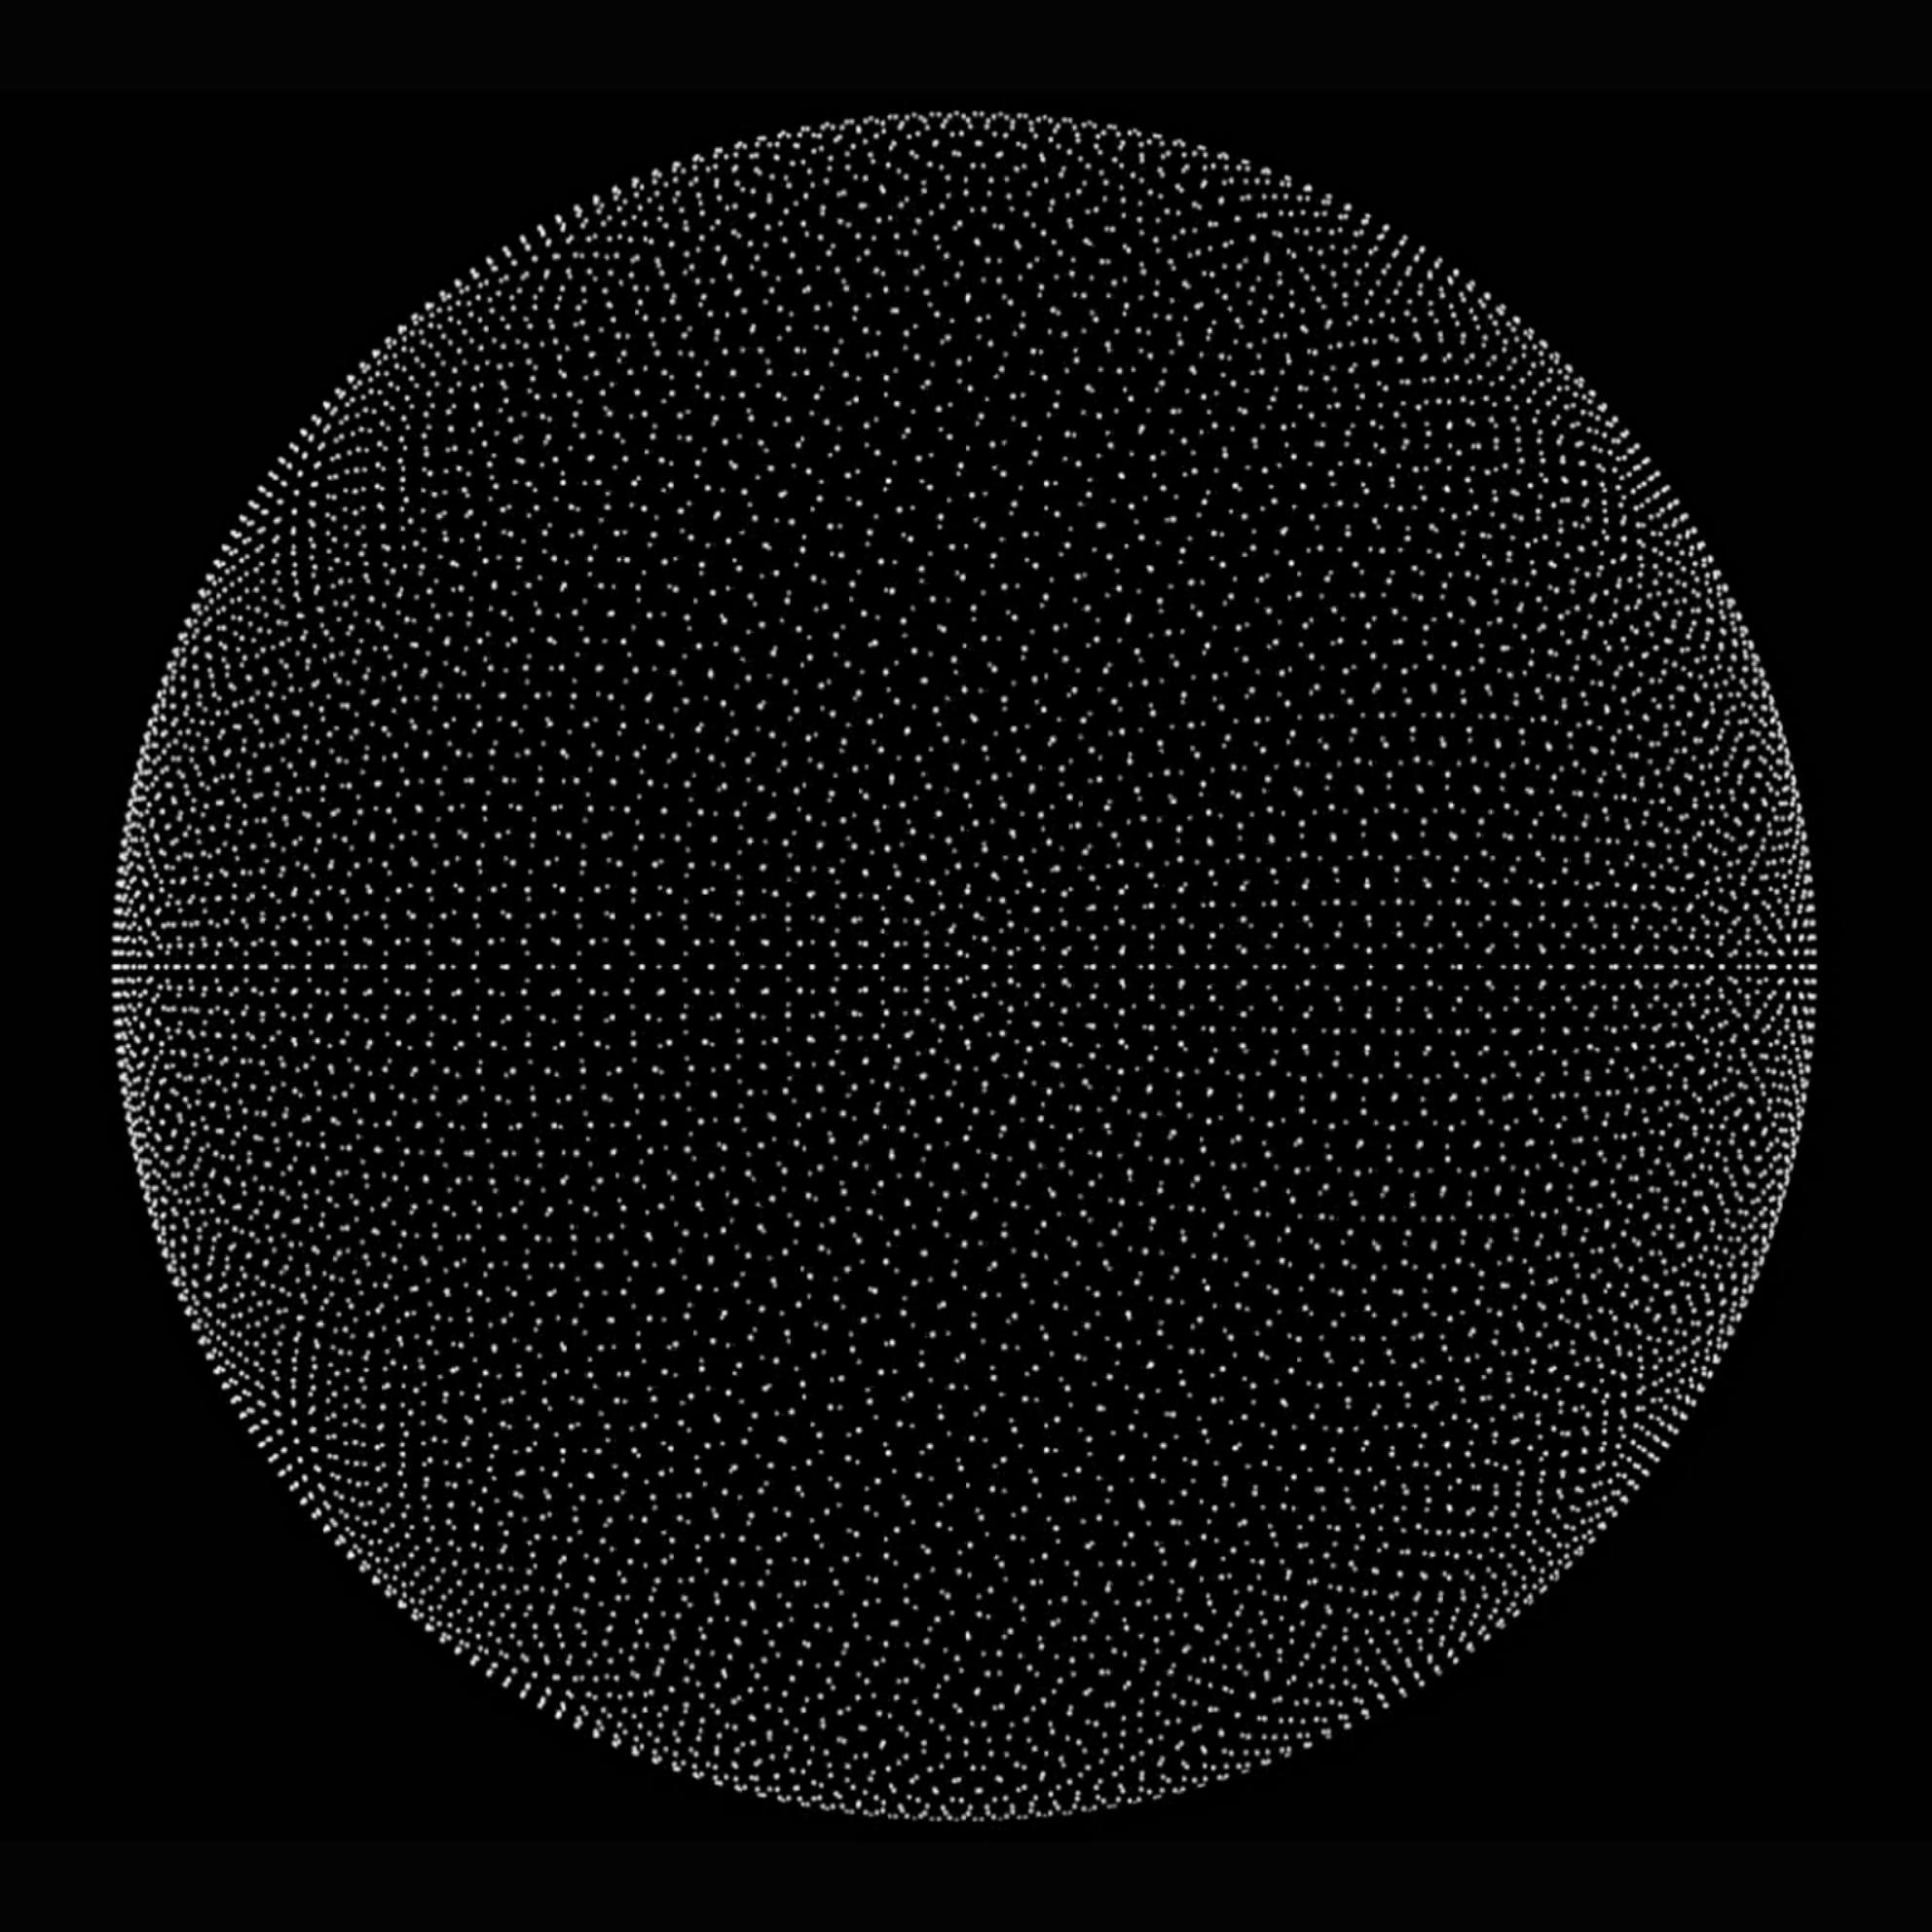 2_Schermafbeelding 2016-04-11 om 10.53.26